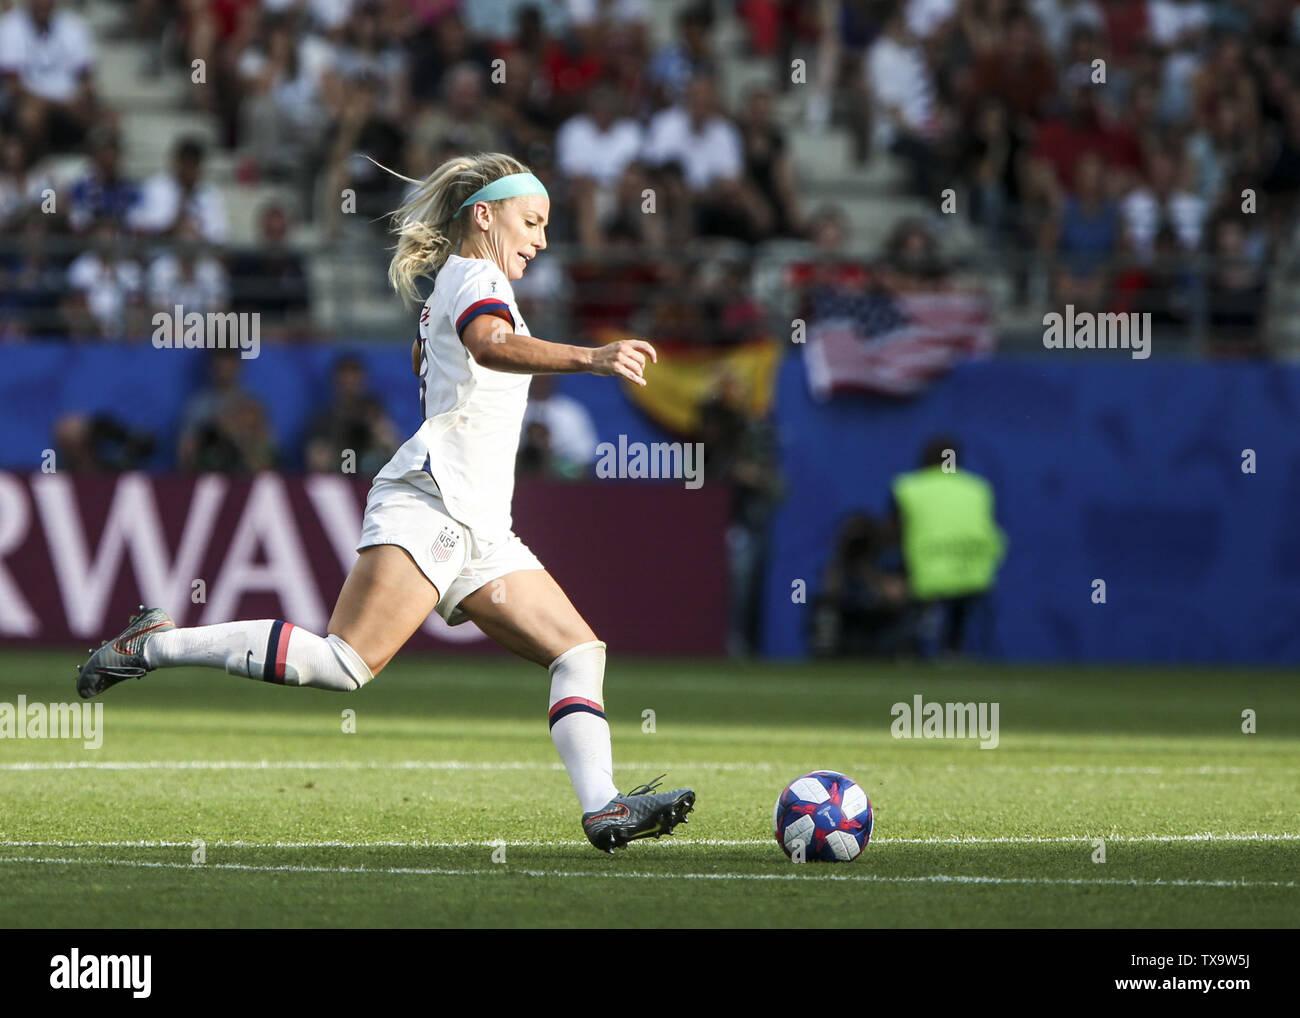 Junio 24, 2019 - Julie Ertz; Francia durante la Copa Mundial Femenina 2019 octavos de final del partido de fútbol entre España y EE.UU., el 24 de junio de 2019, en el estadio Auguste-Delaune en Reims, en el norte de Francia. (Crédito de la Imagen: © Elyxandro CegarraZUMA Wire) Imagen De Stock